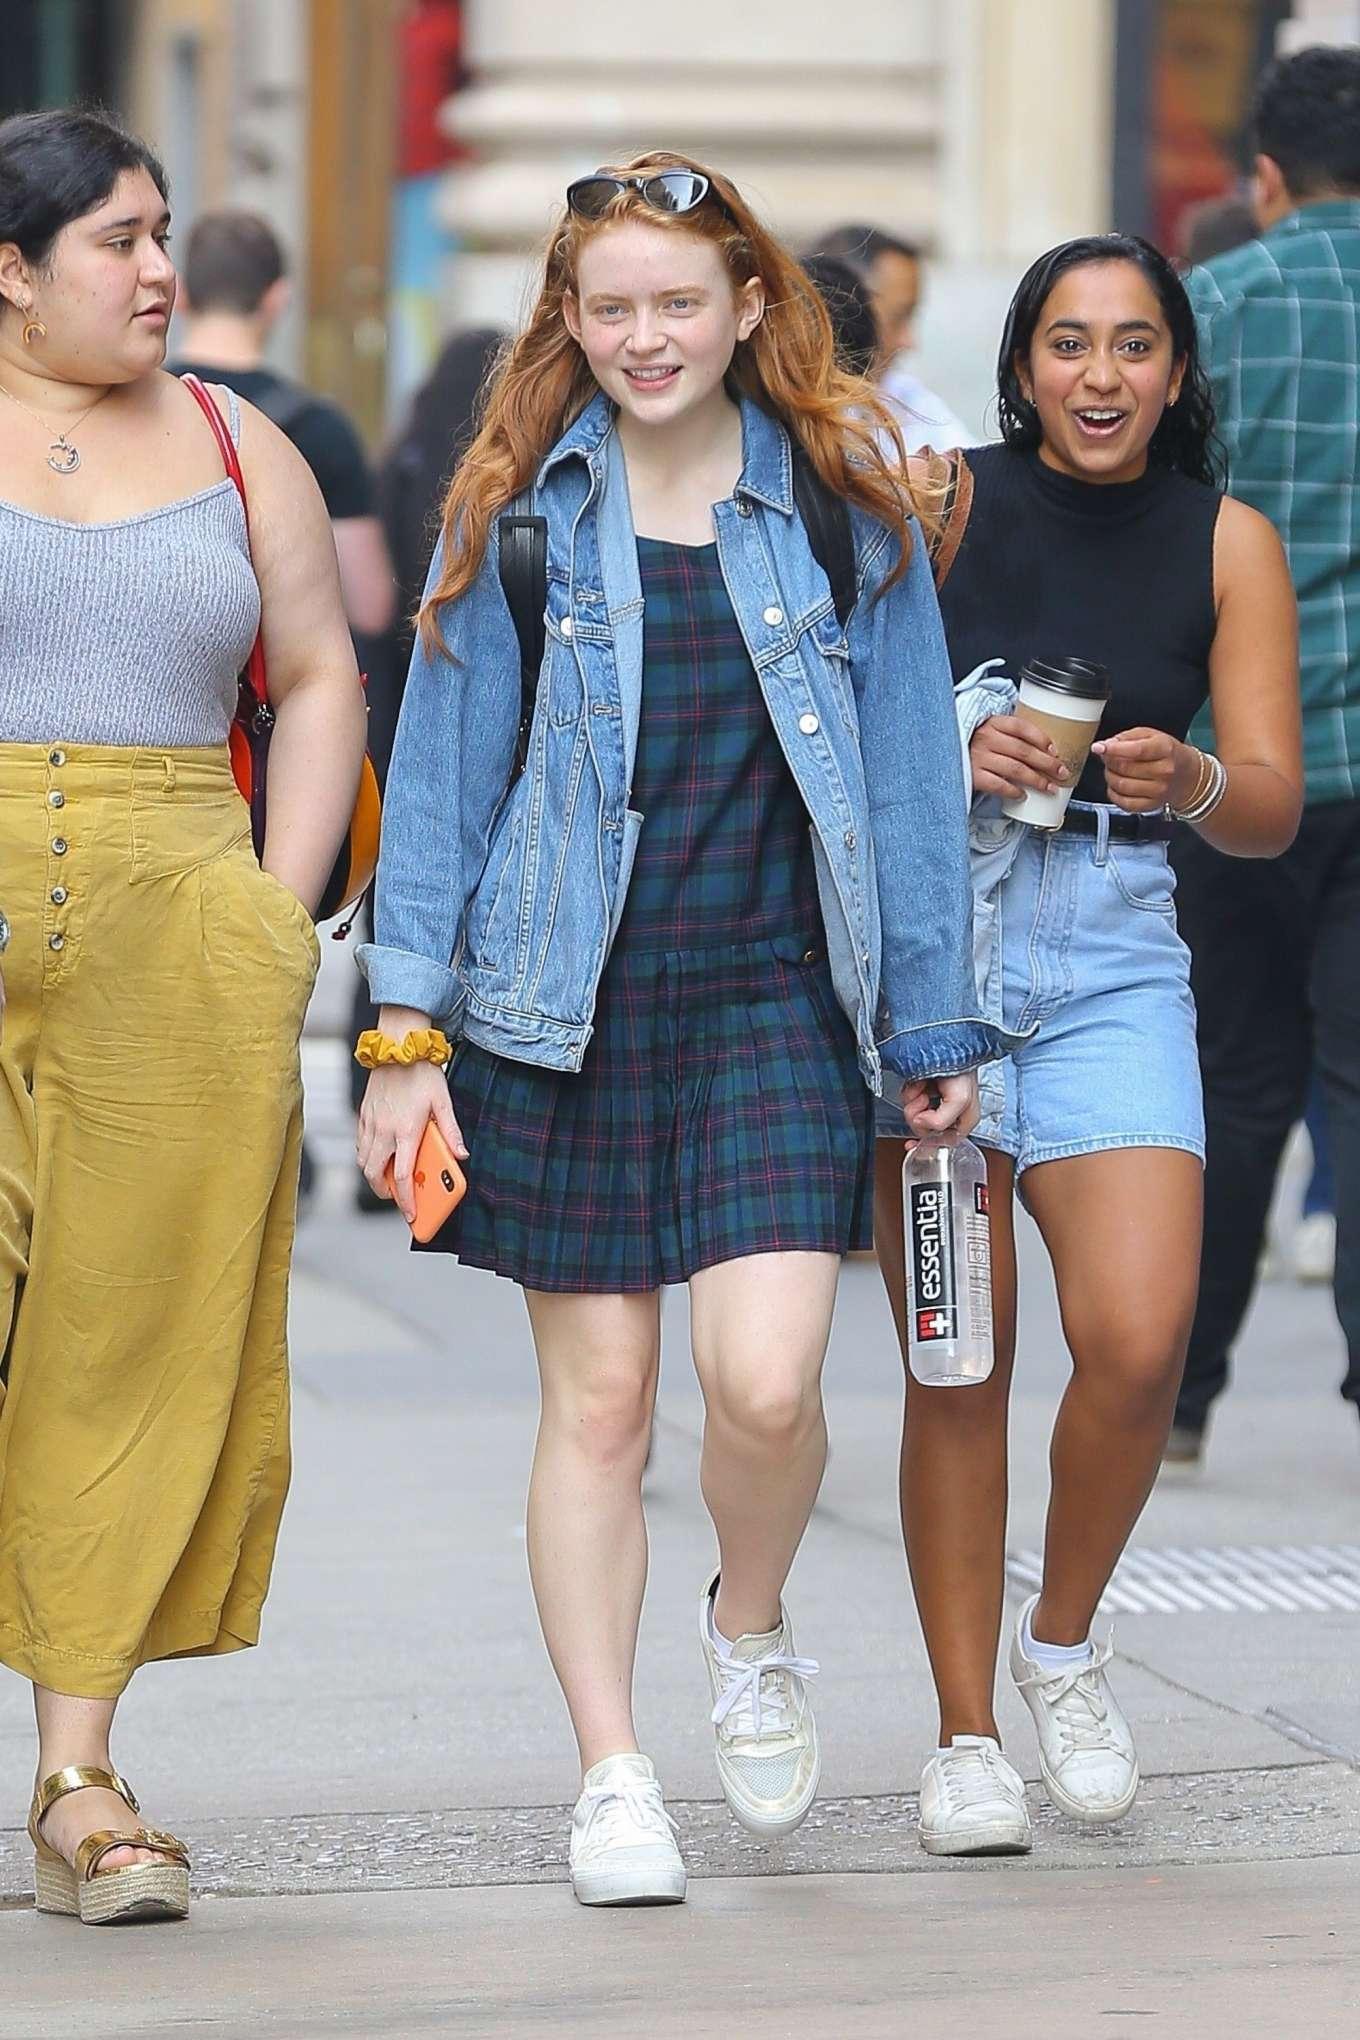 Sadie Sink 2019 : Sadie Sink in Mini Dress – Out in NY-13